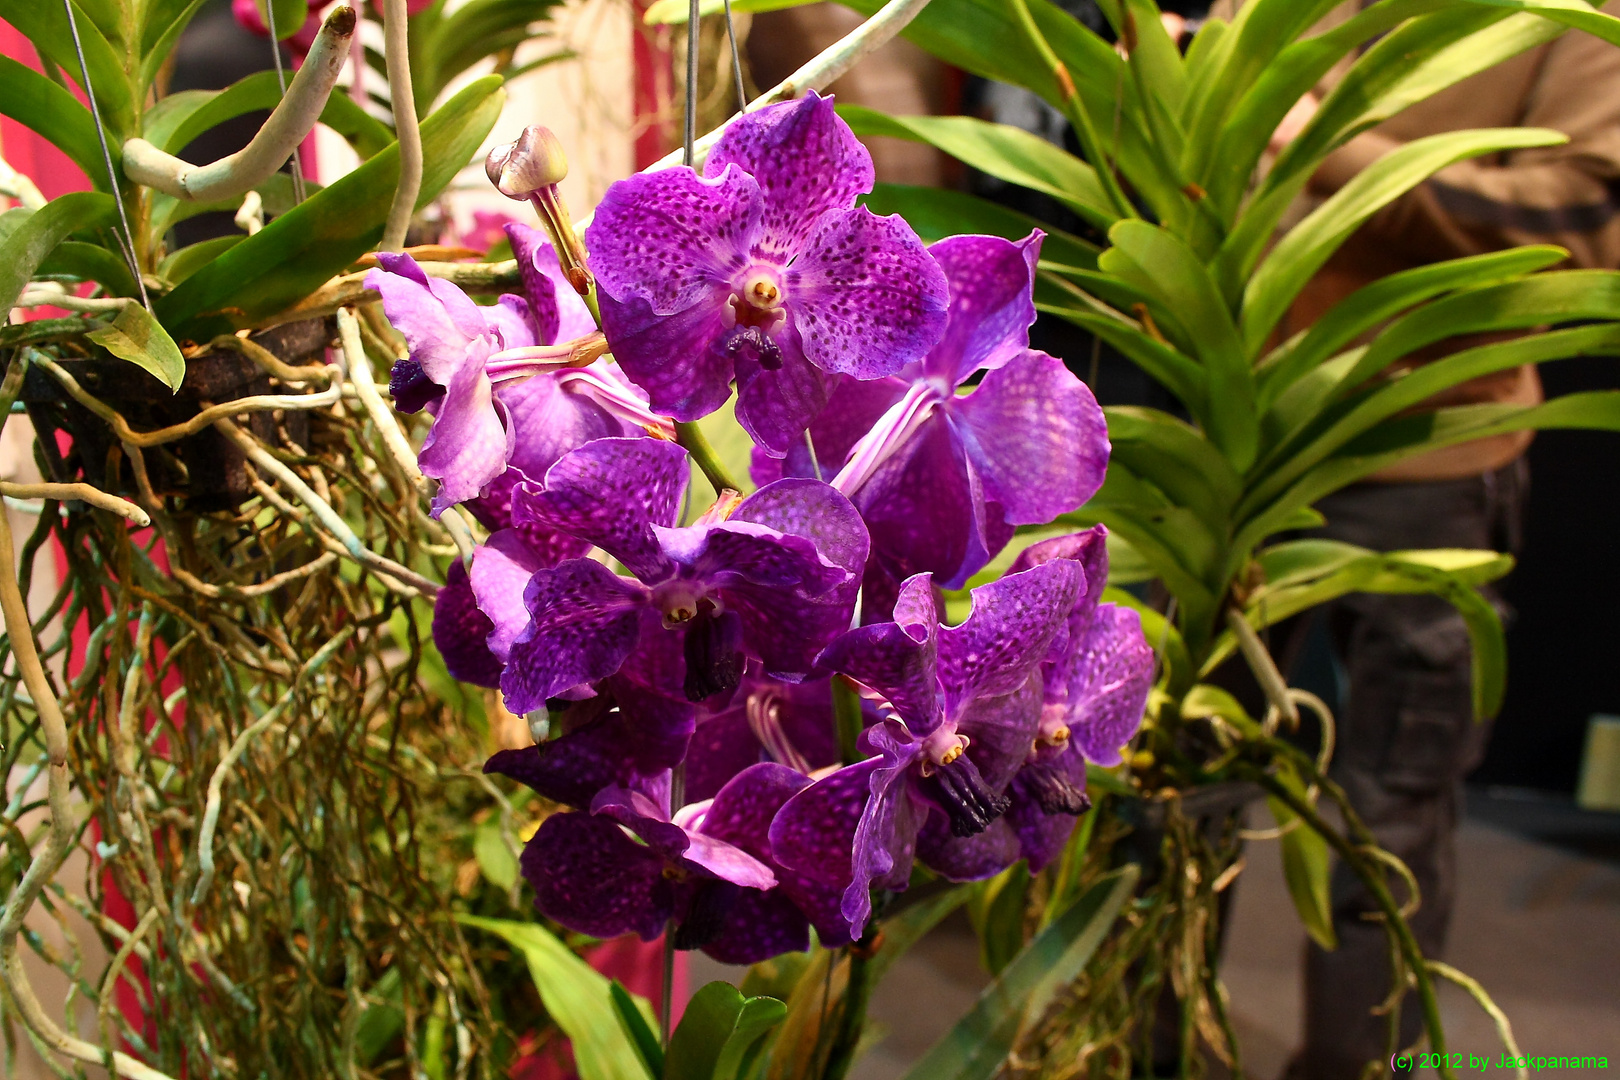 Orchideen Ausstellung Messe Haus Garten Genuss In Essen Foto Bild